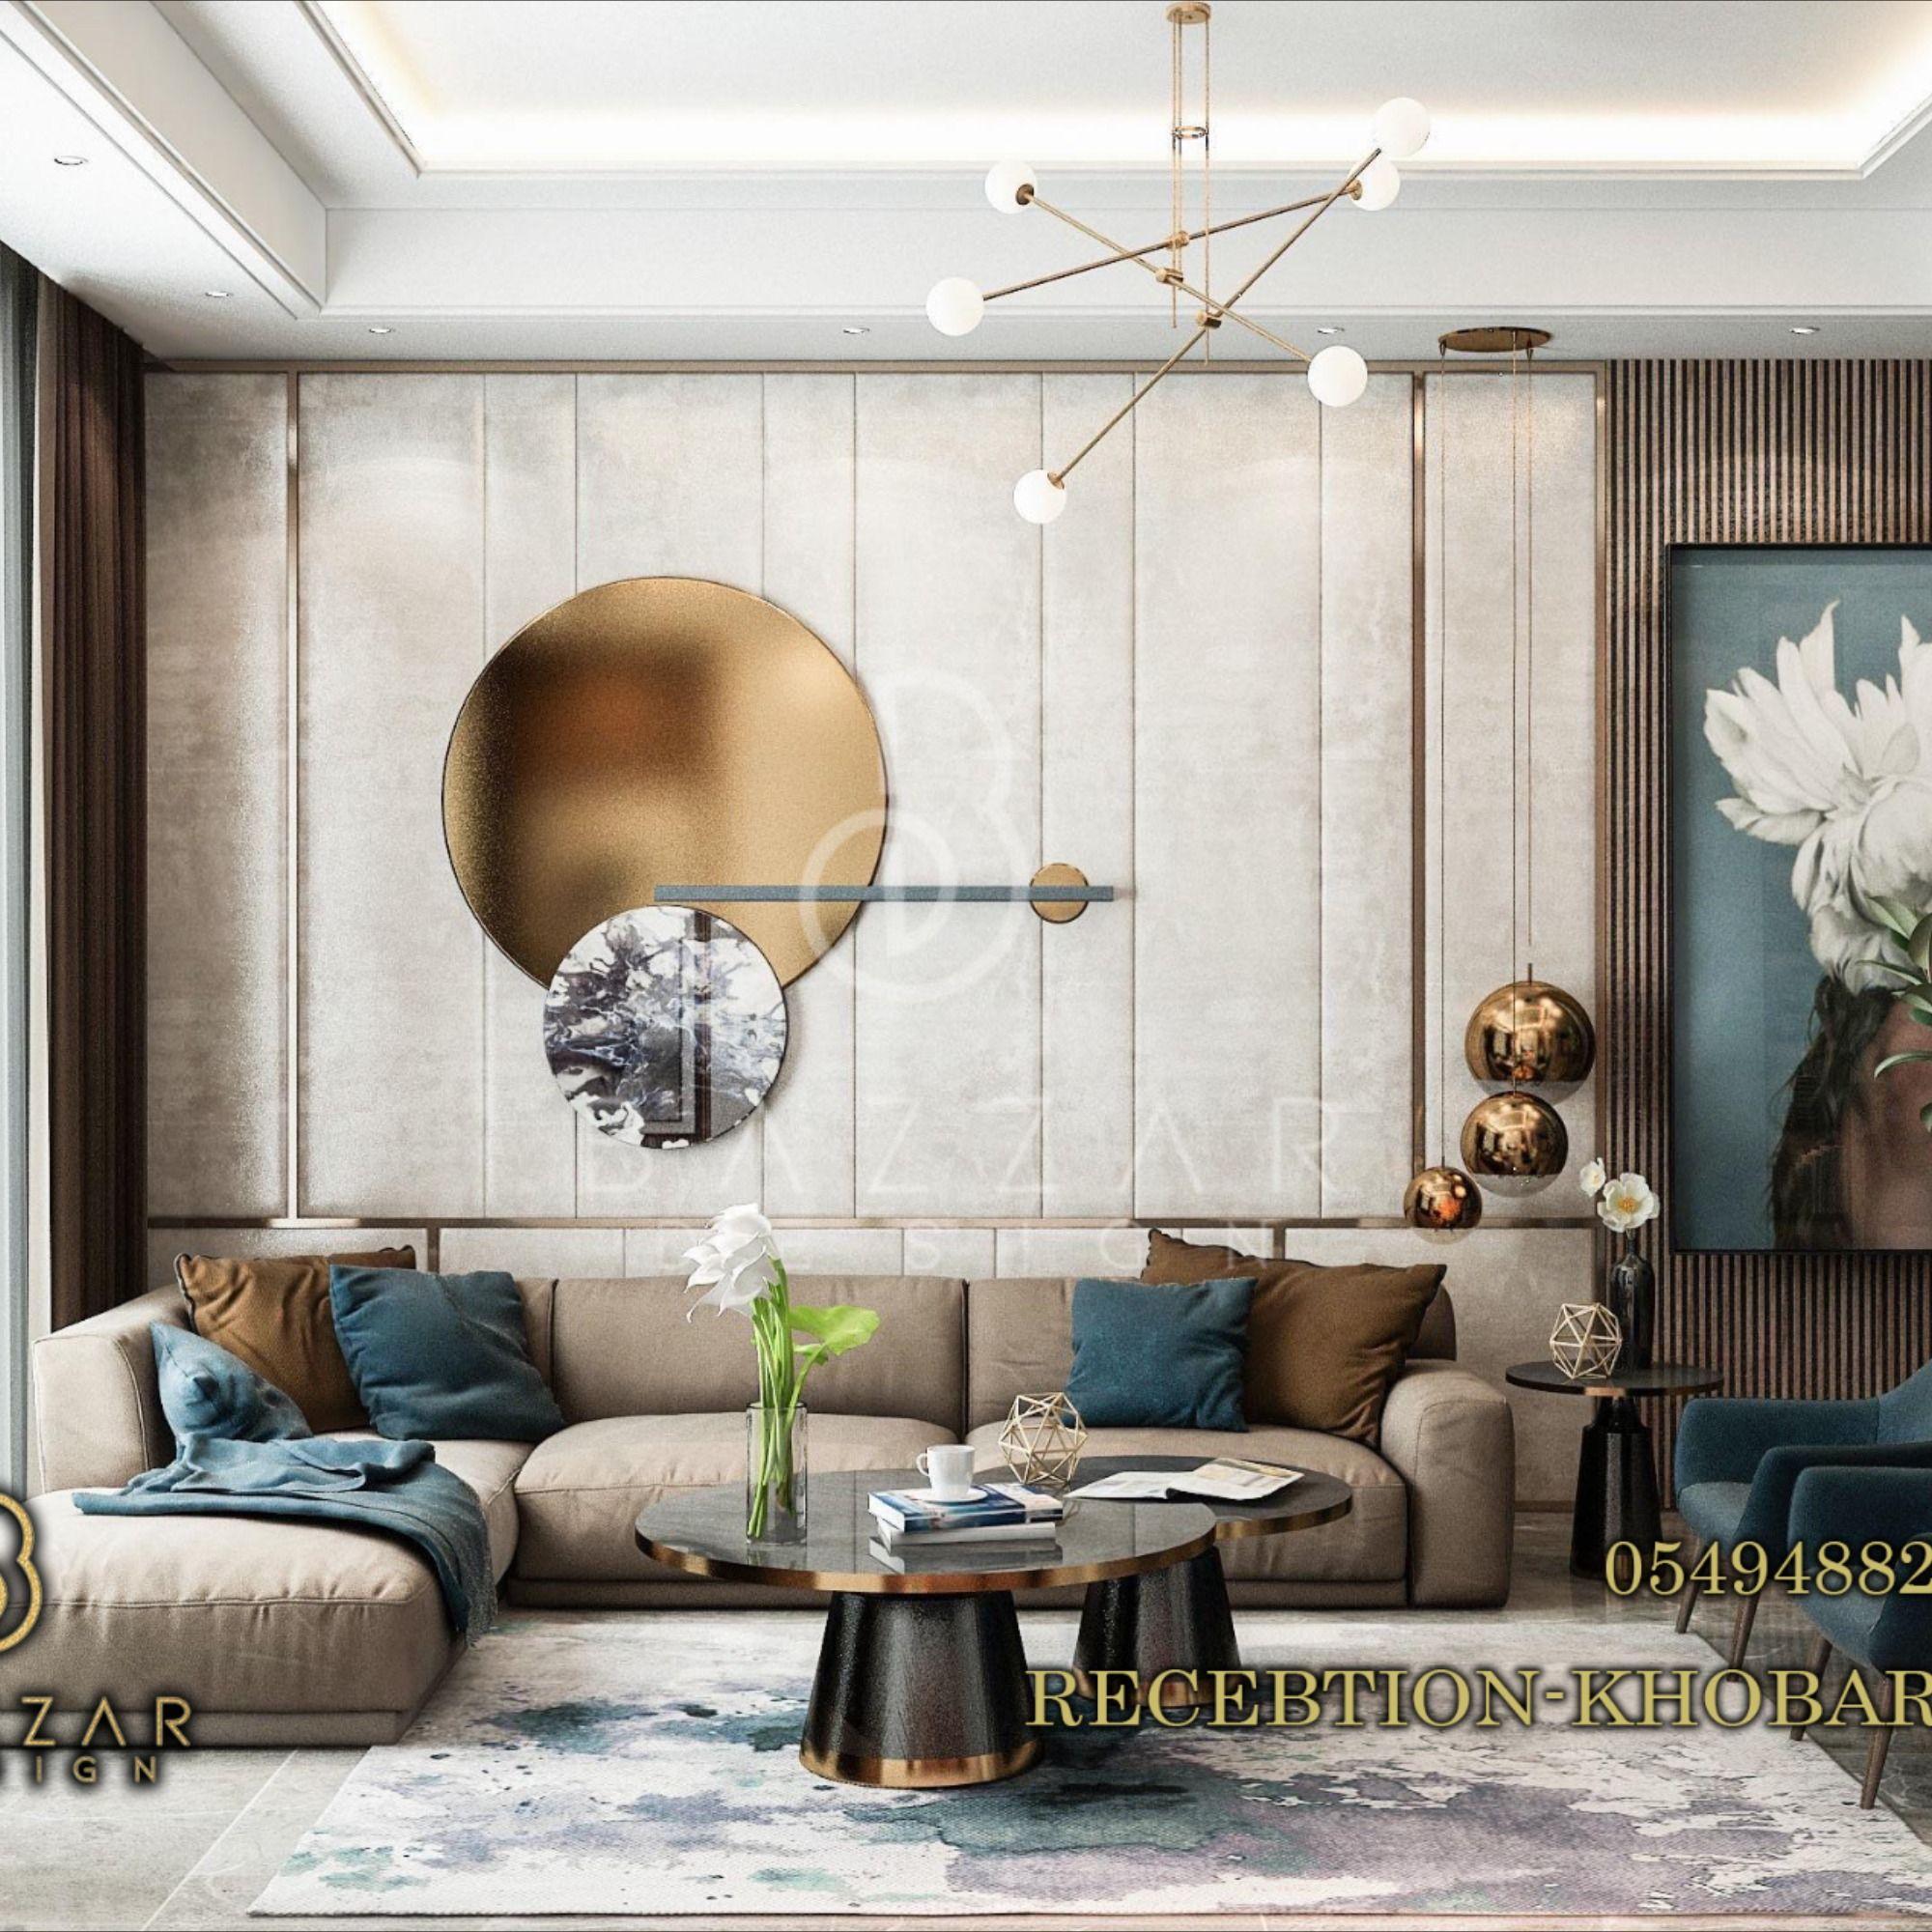 تصميم غرفه معيشه مودرن Small Cozy Living Room Design Ideas Cozy Living Room Design Living Room Designs Bedroom Lamps Design